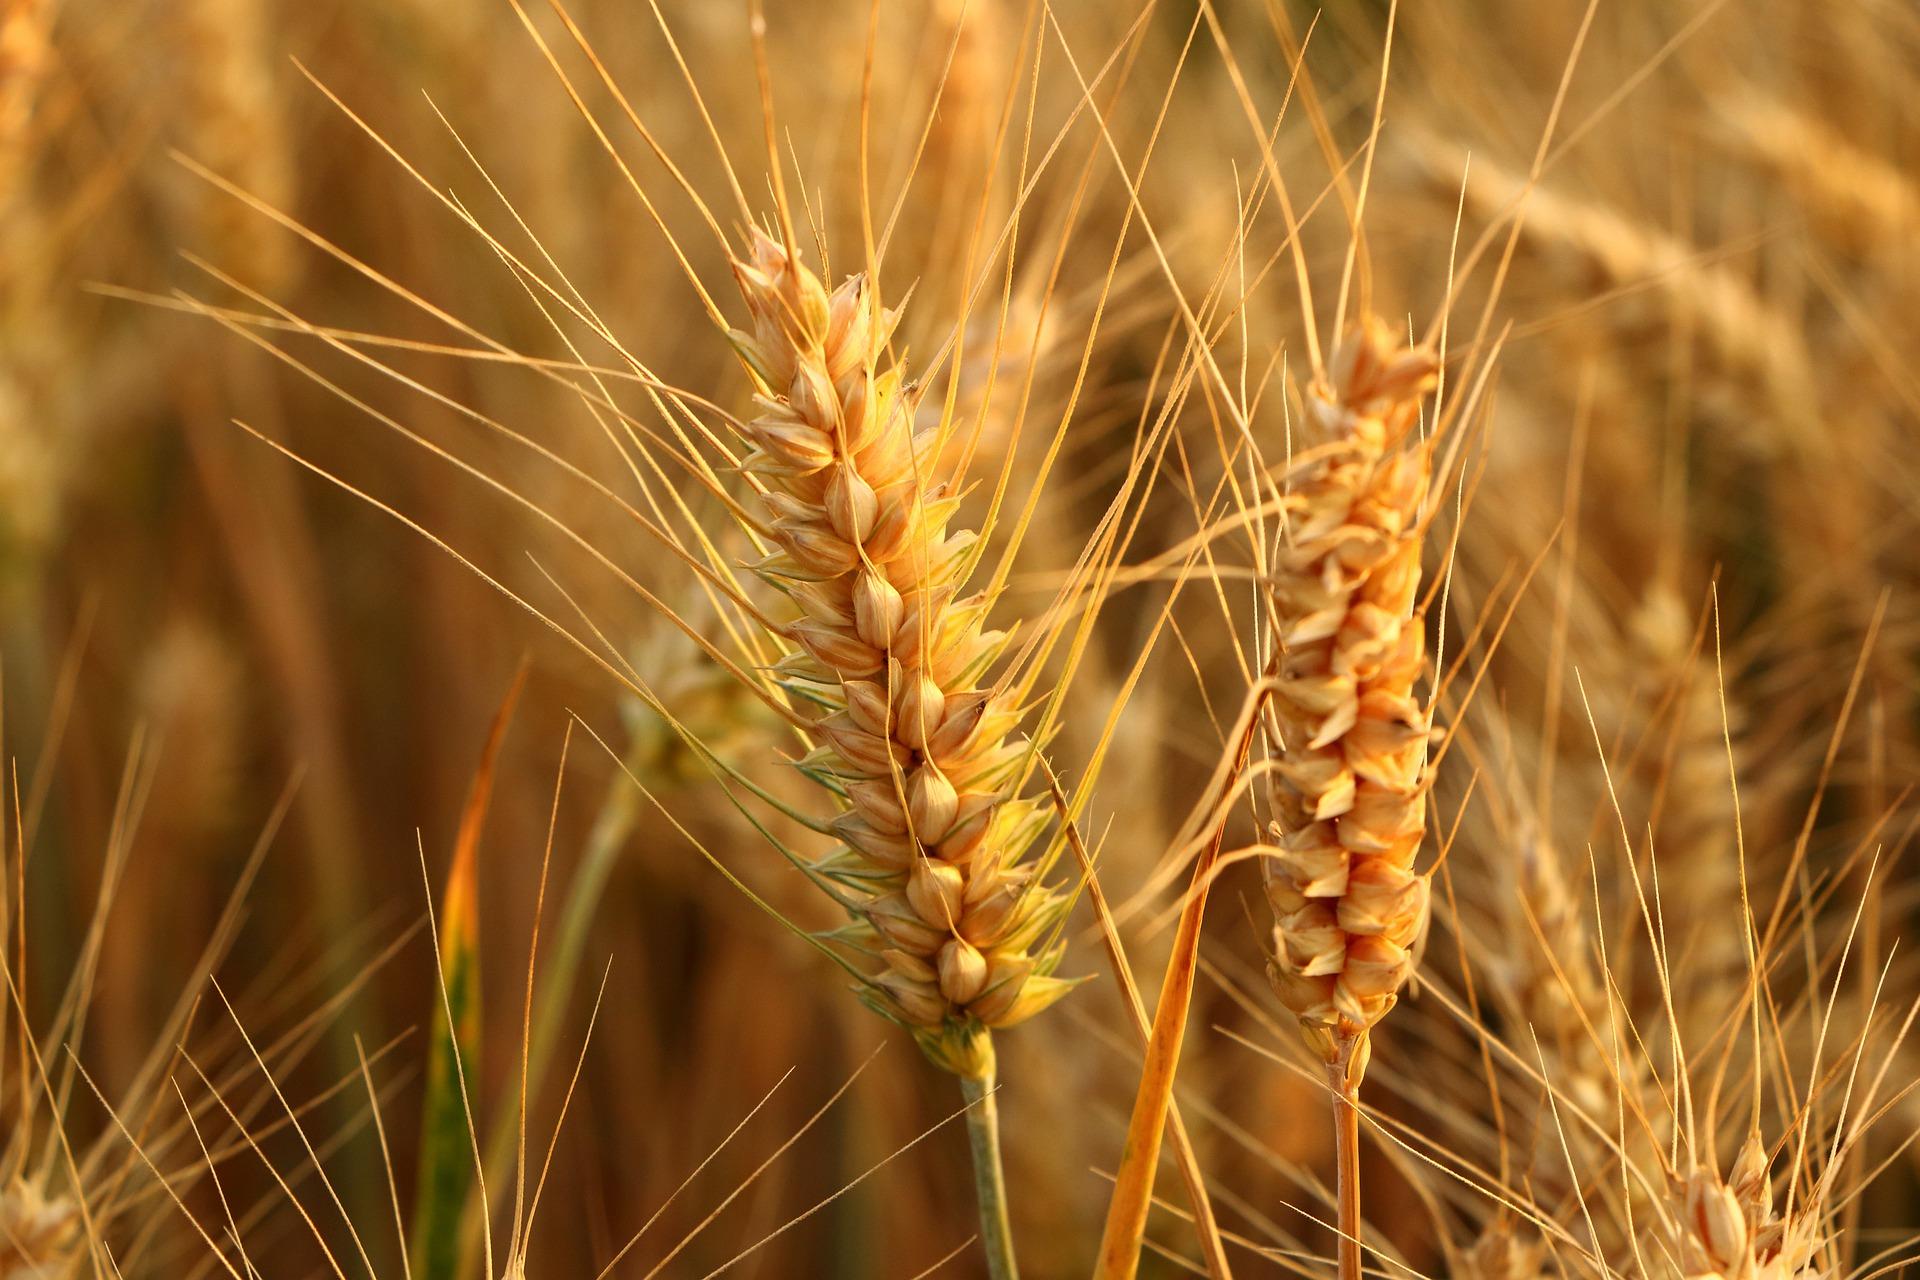 Україна експортувала агропродукції на $20 млрд за 11 місяців 2020 року